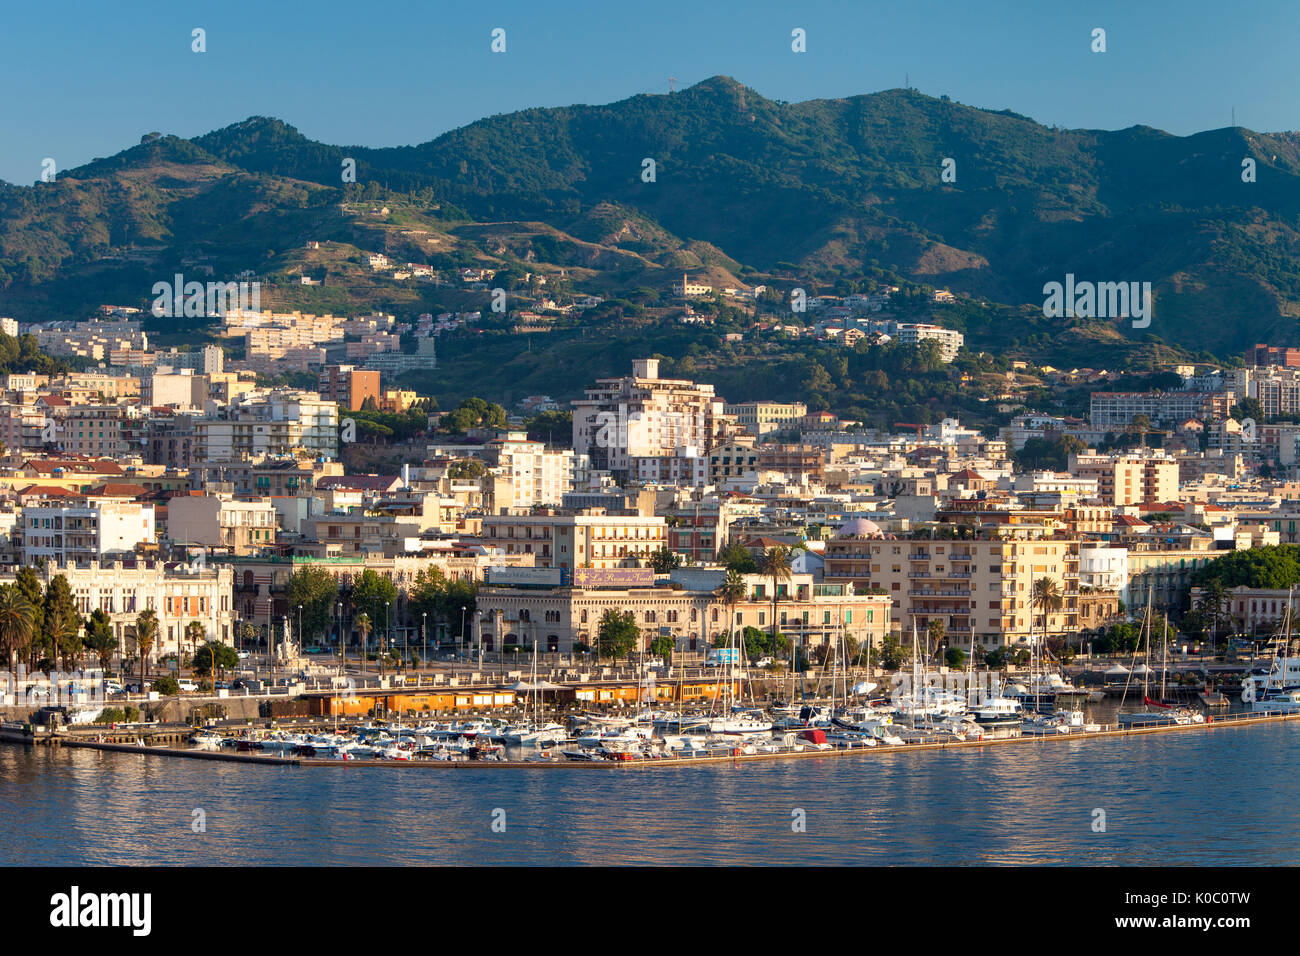 La mattina presto vista sulla Marina e la città di Messina, Sicilia, Italia Immagini Stock